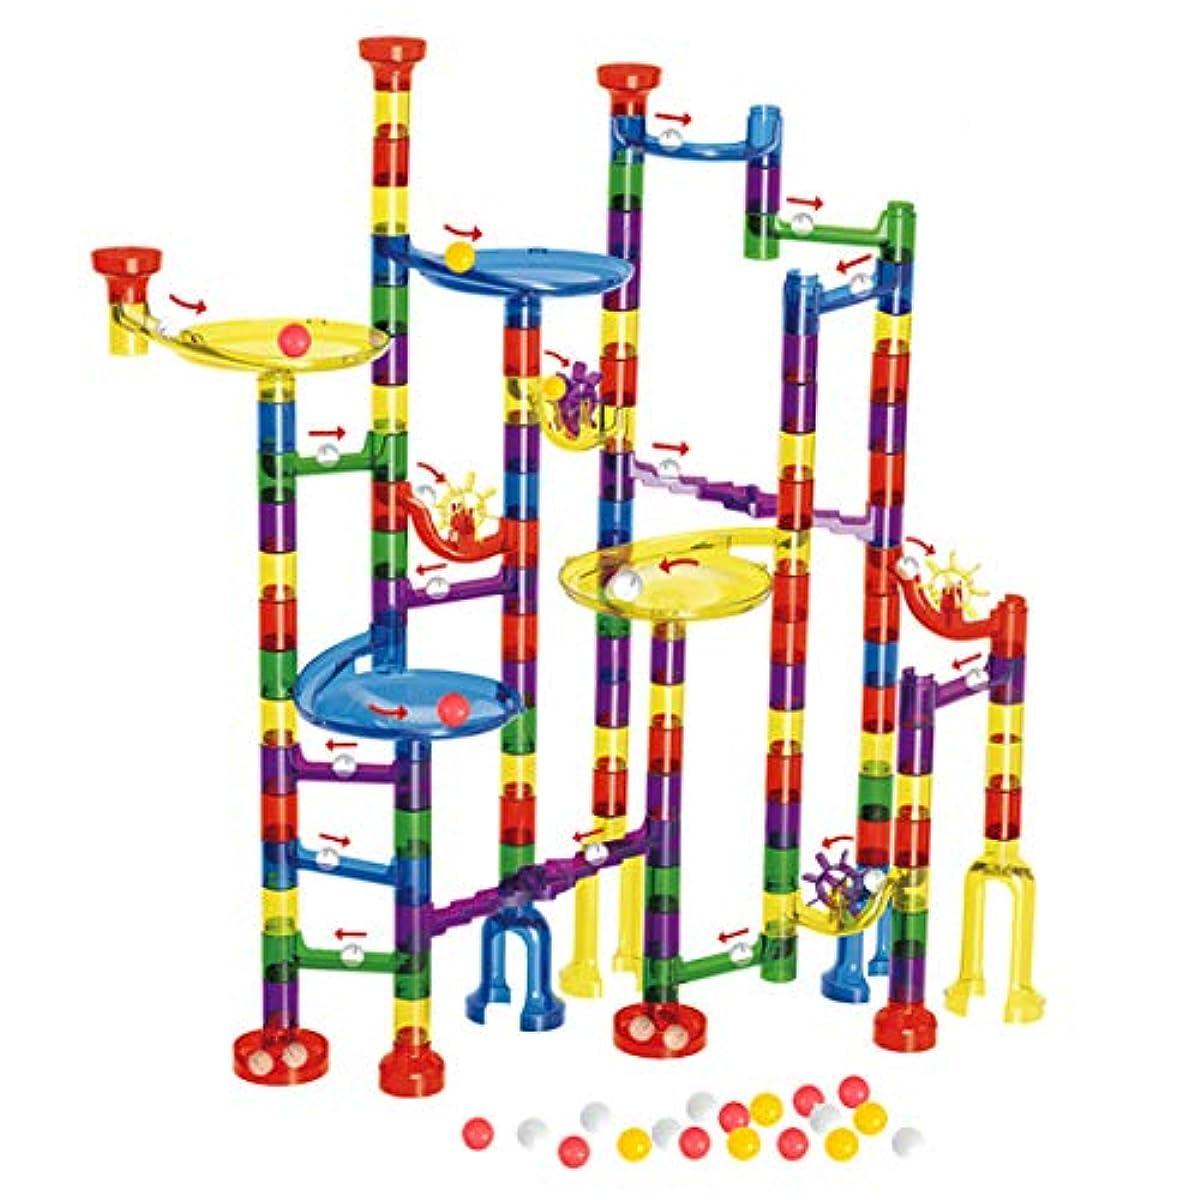 [해외] WTOR 216피스 대량 장난감 비즈 코스터 교육 완구 조립 사내 아이 소녀 선물 해피버스데이 선물 아이 집짓기 놀이